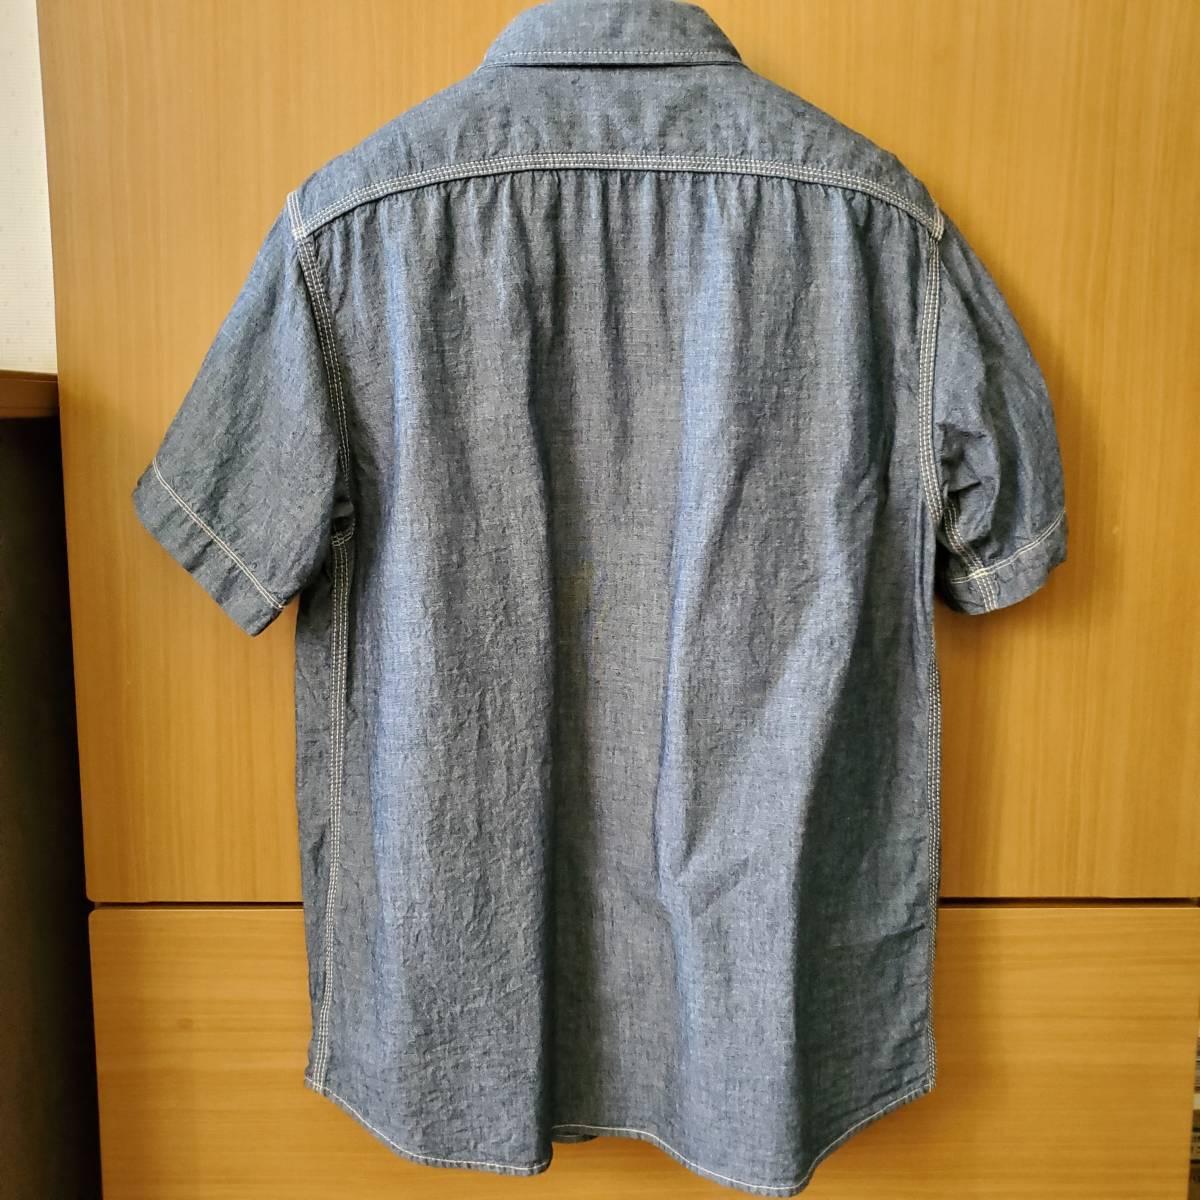 KATO BASIC 半袖 シャンブレー ワークシャツ ONE WASH サイズM カトー_画像2